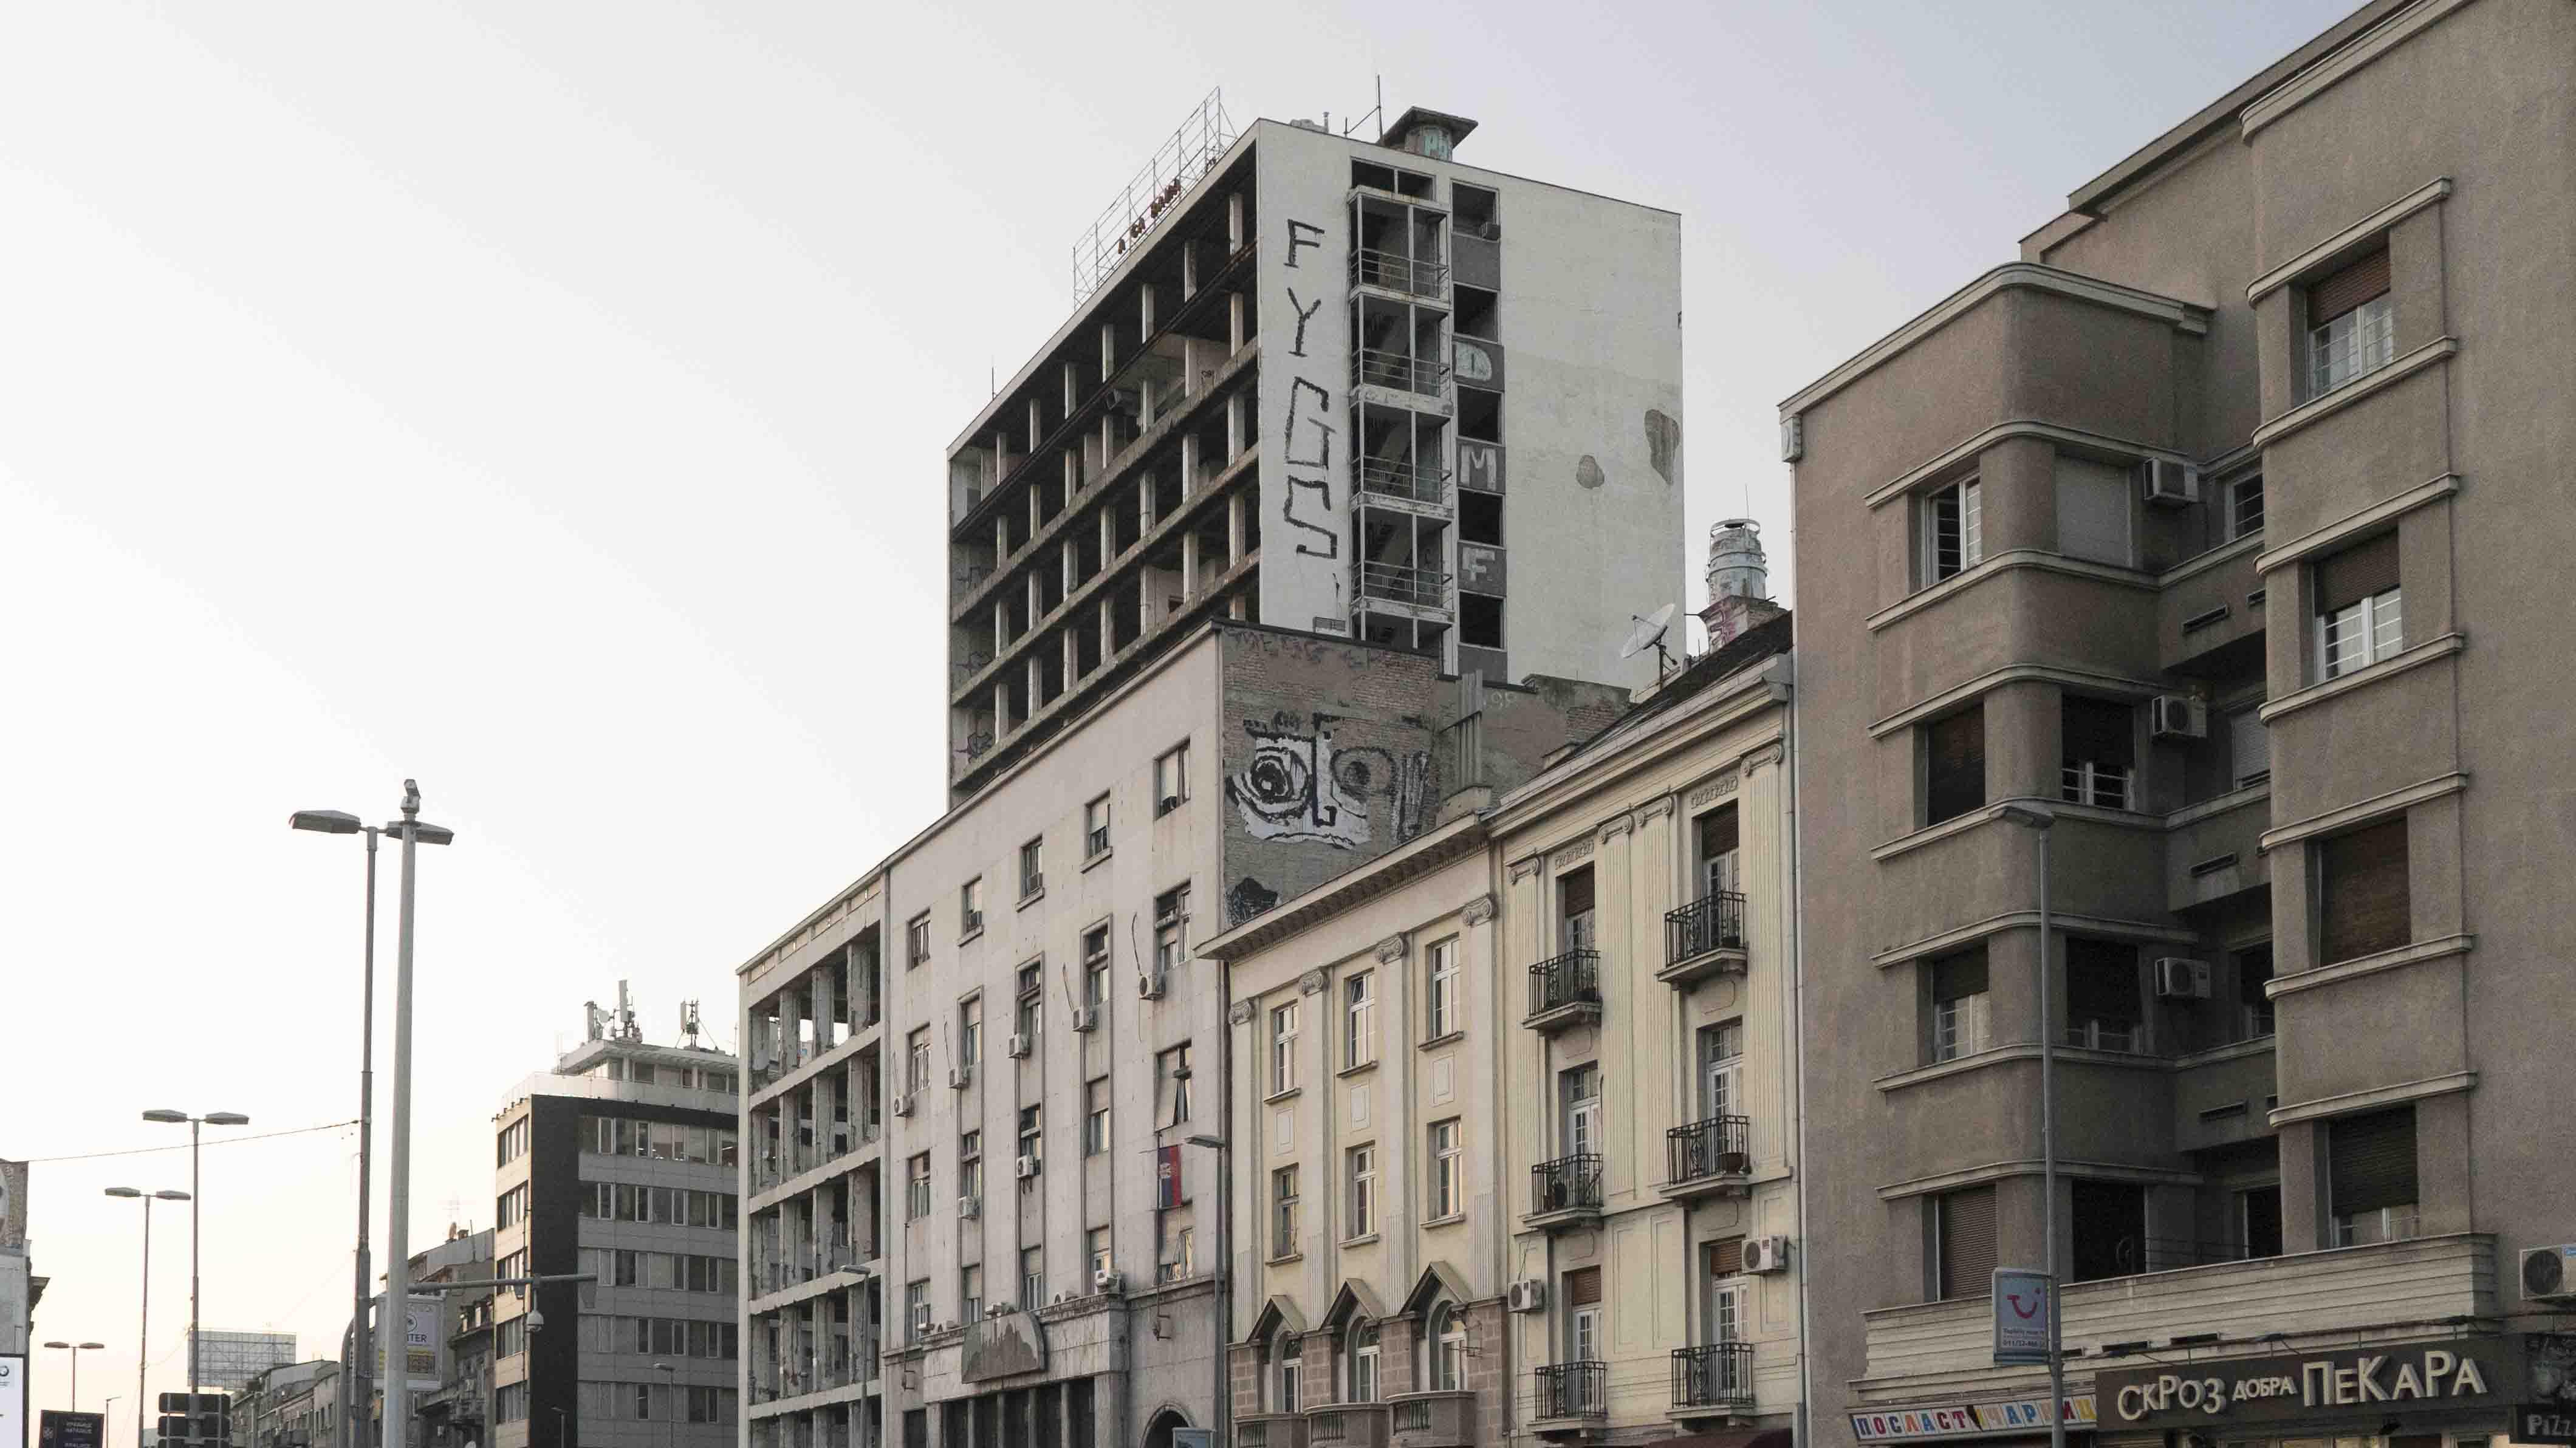 Belgrad: Spielwiese für Menschen mit Ideen